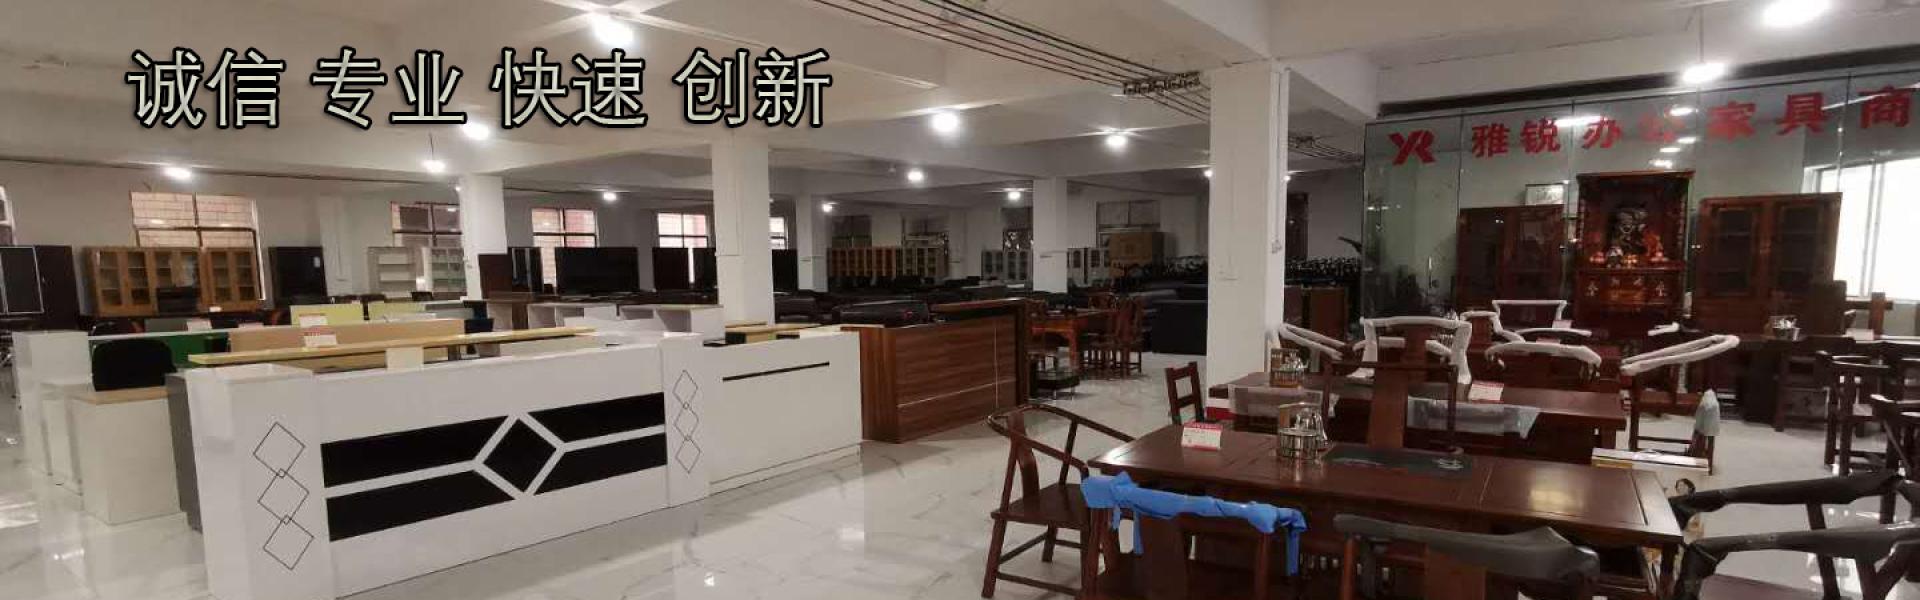 广州二手办公家具大卖场,品牌二手办公桌椅,